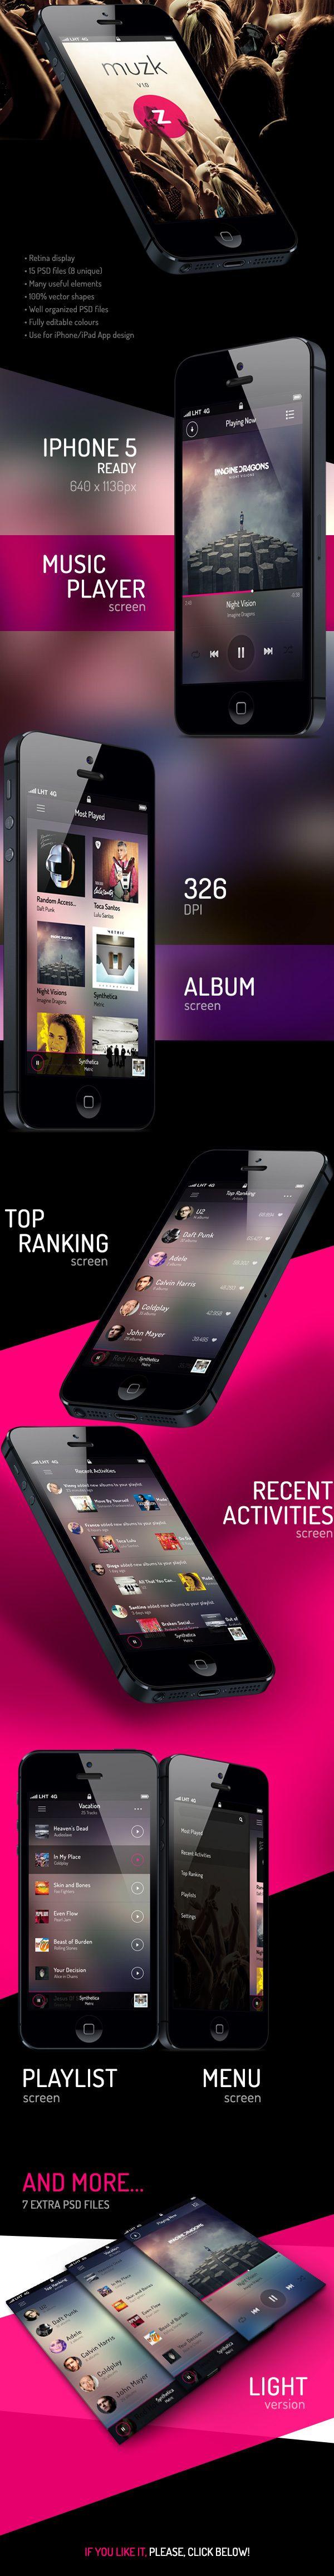 Muzk » Mobile App UI by Rodrigo Santino, via Behance #mobileui #uidesign